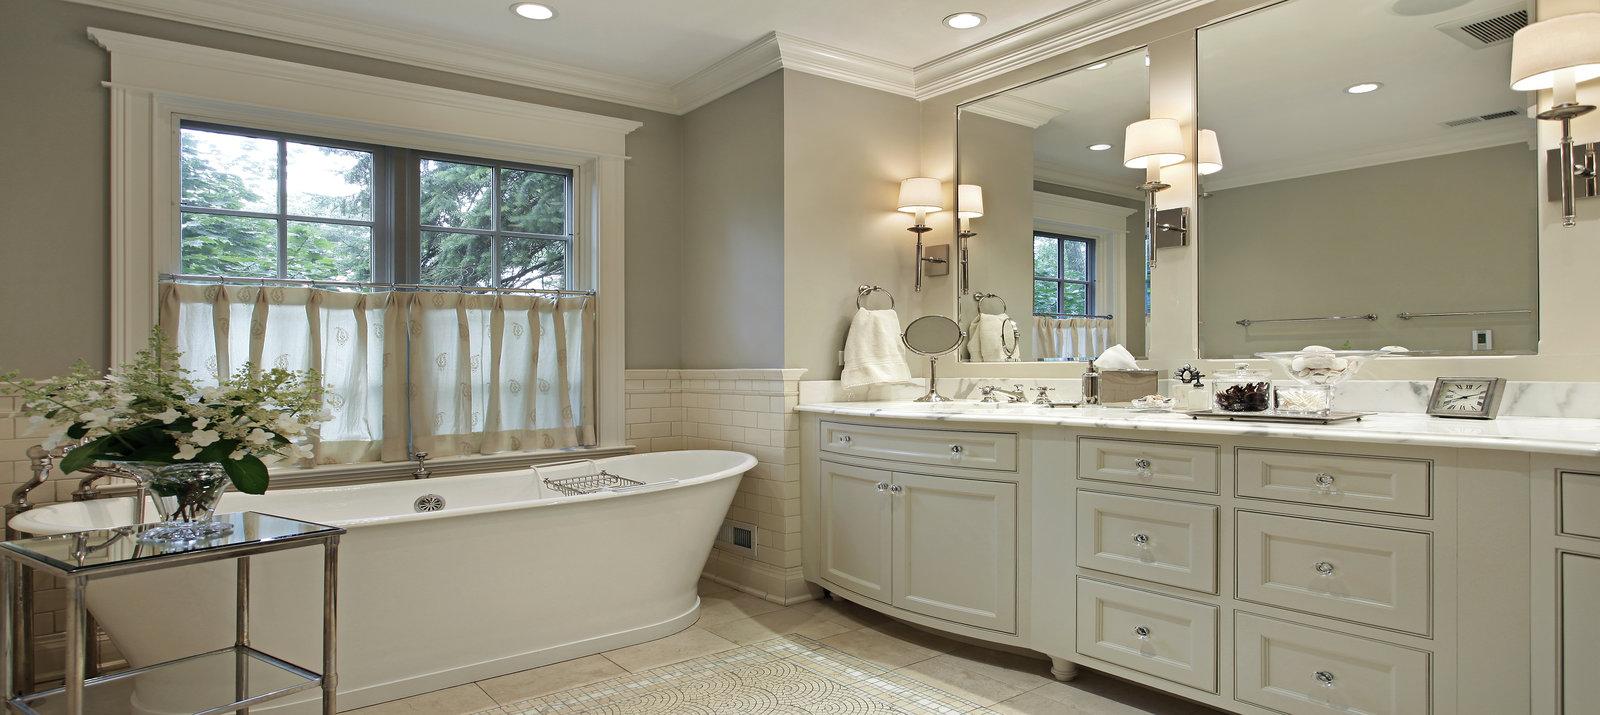 Image result for cluttered bathroom